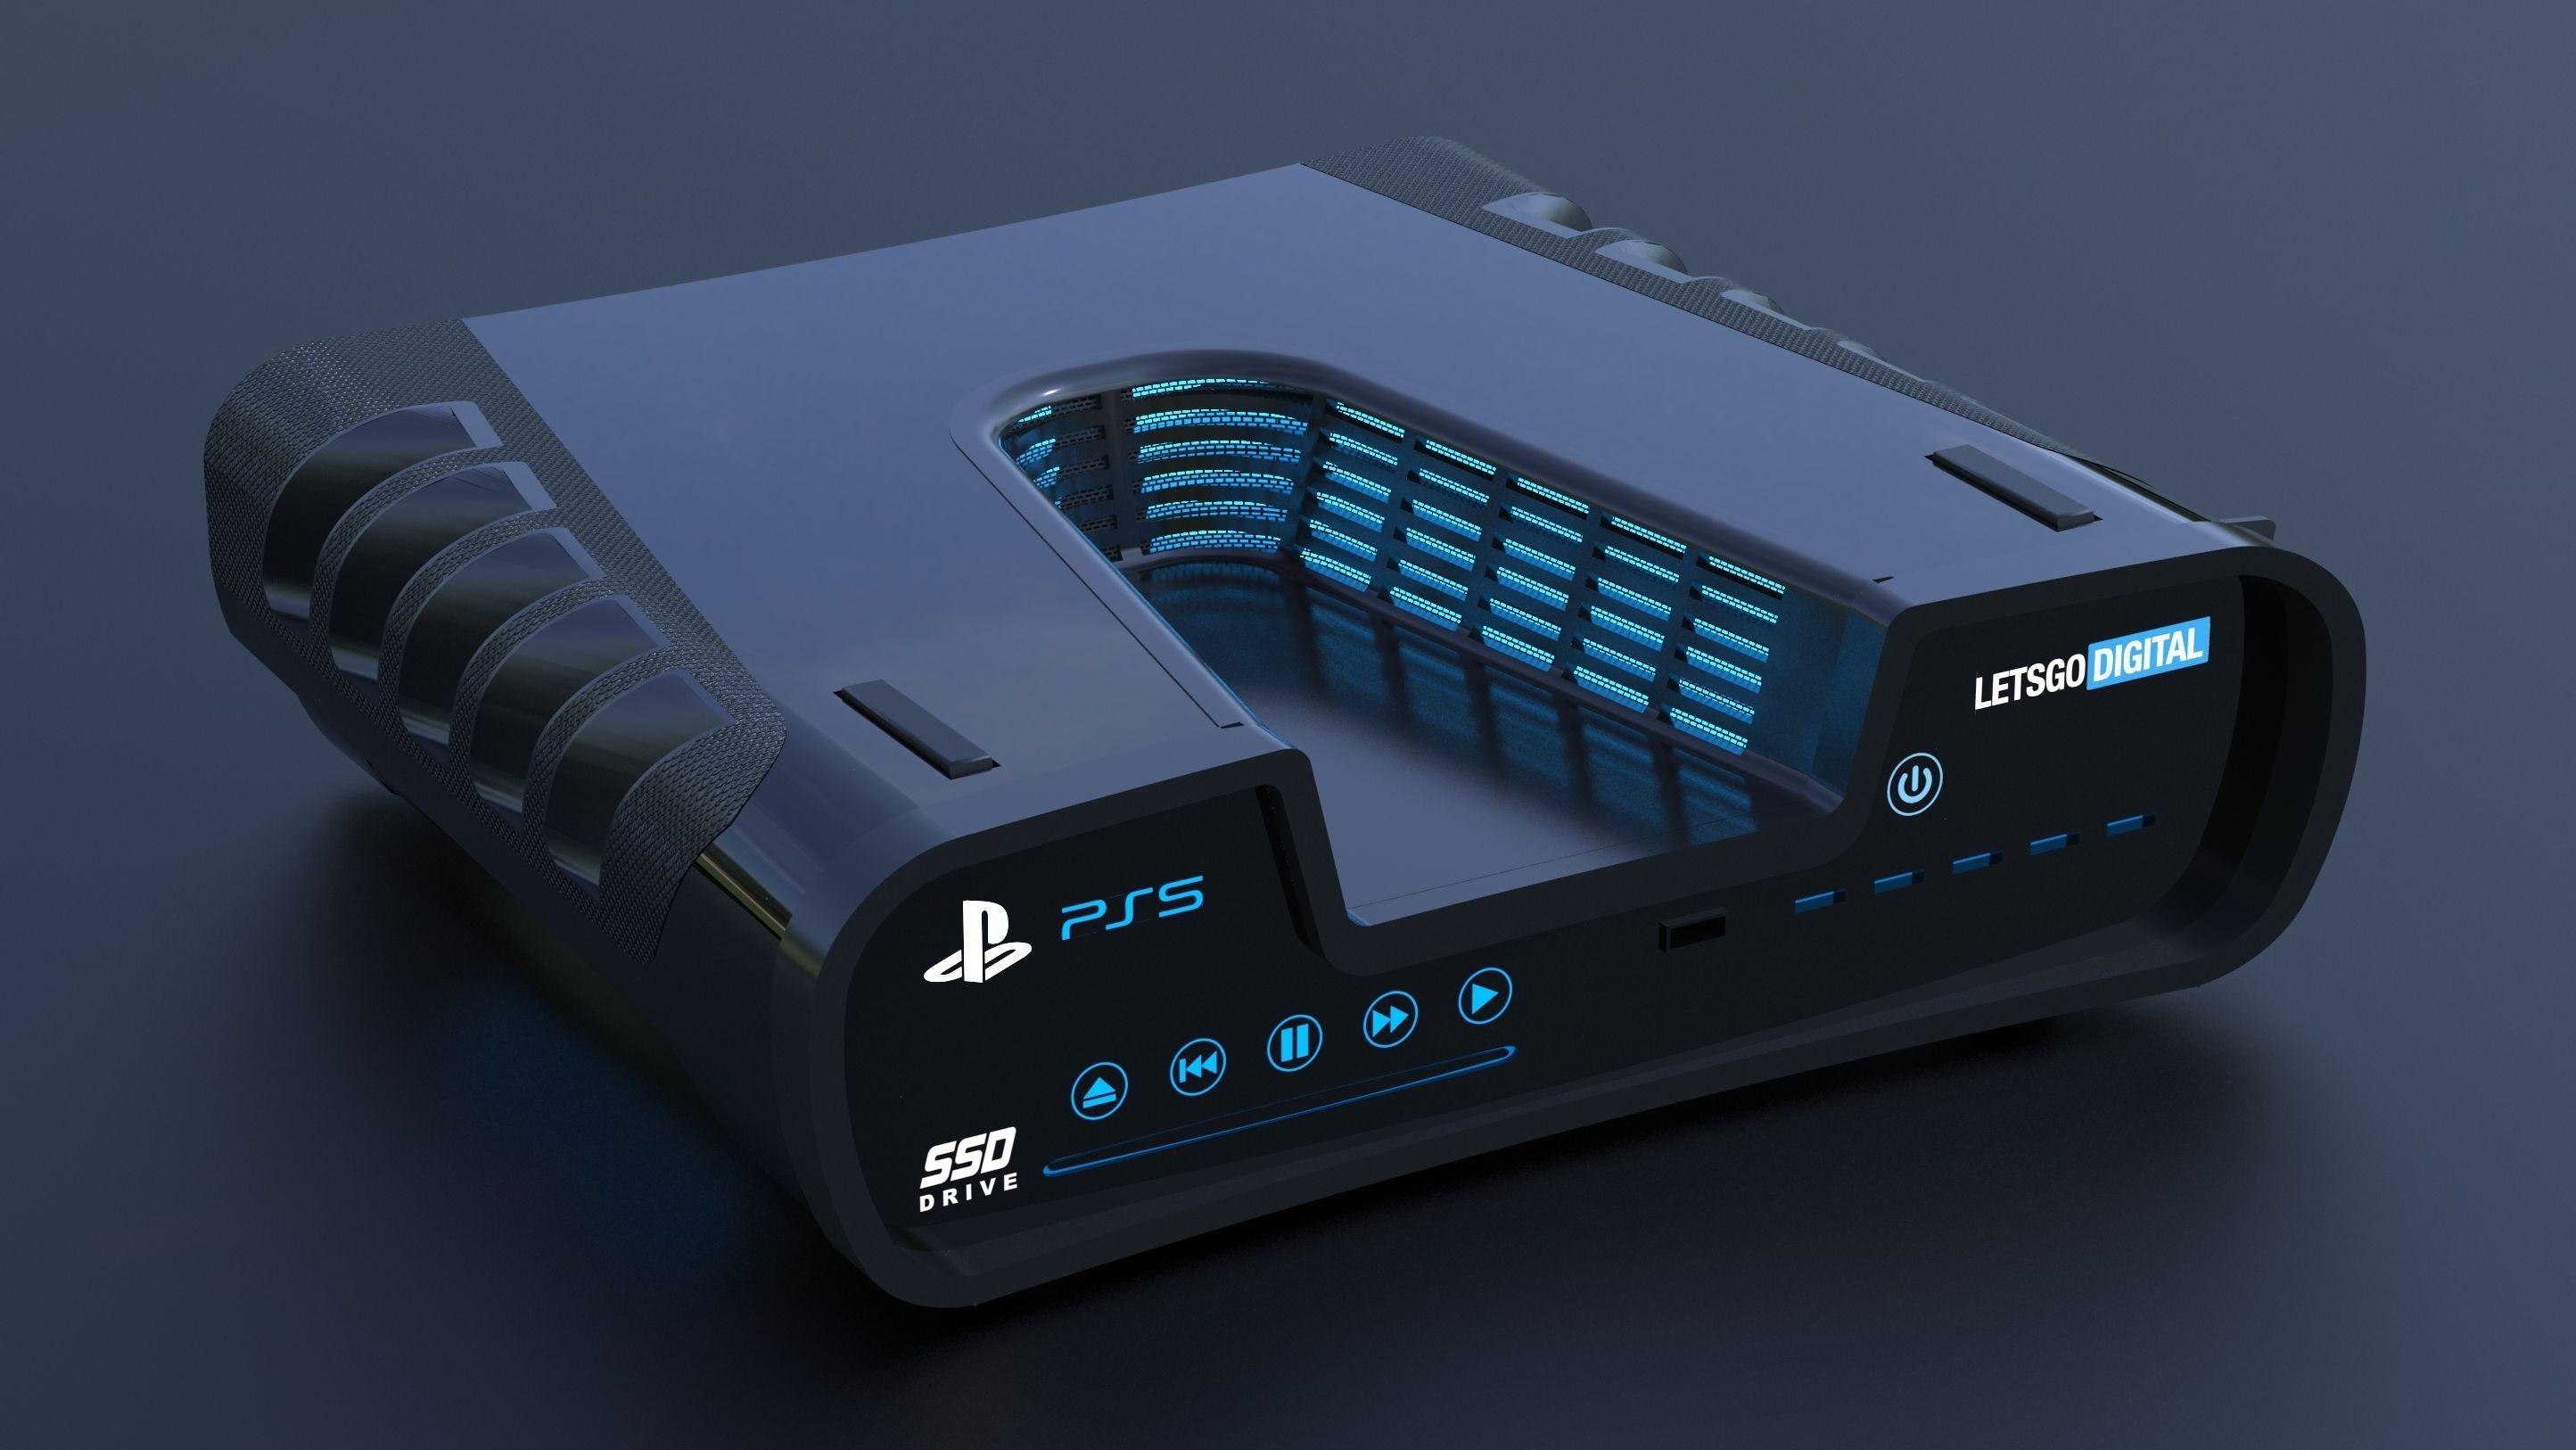 Slik skal utviklerversjonen av PlayStation 5 se ut. Den er ventet å komme med masse RAM og stor SSD. Overgangen til fastminne presser forsyningskjedene for denne typen produkter, og prisene øker. Det tar tid å bygge kapasitet til nødvendig nivå.